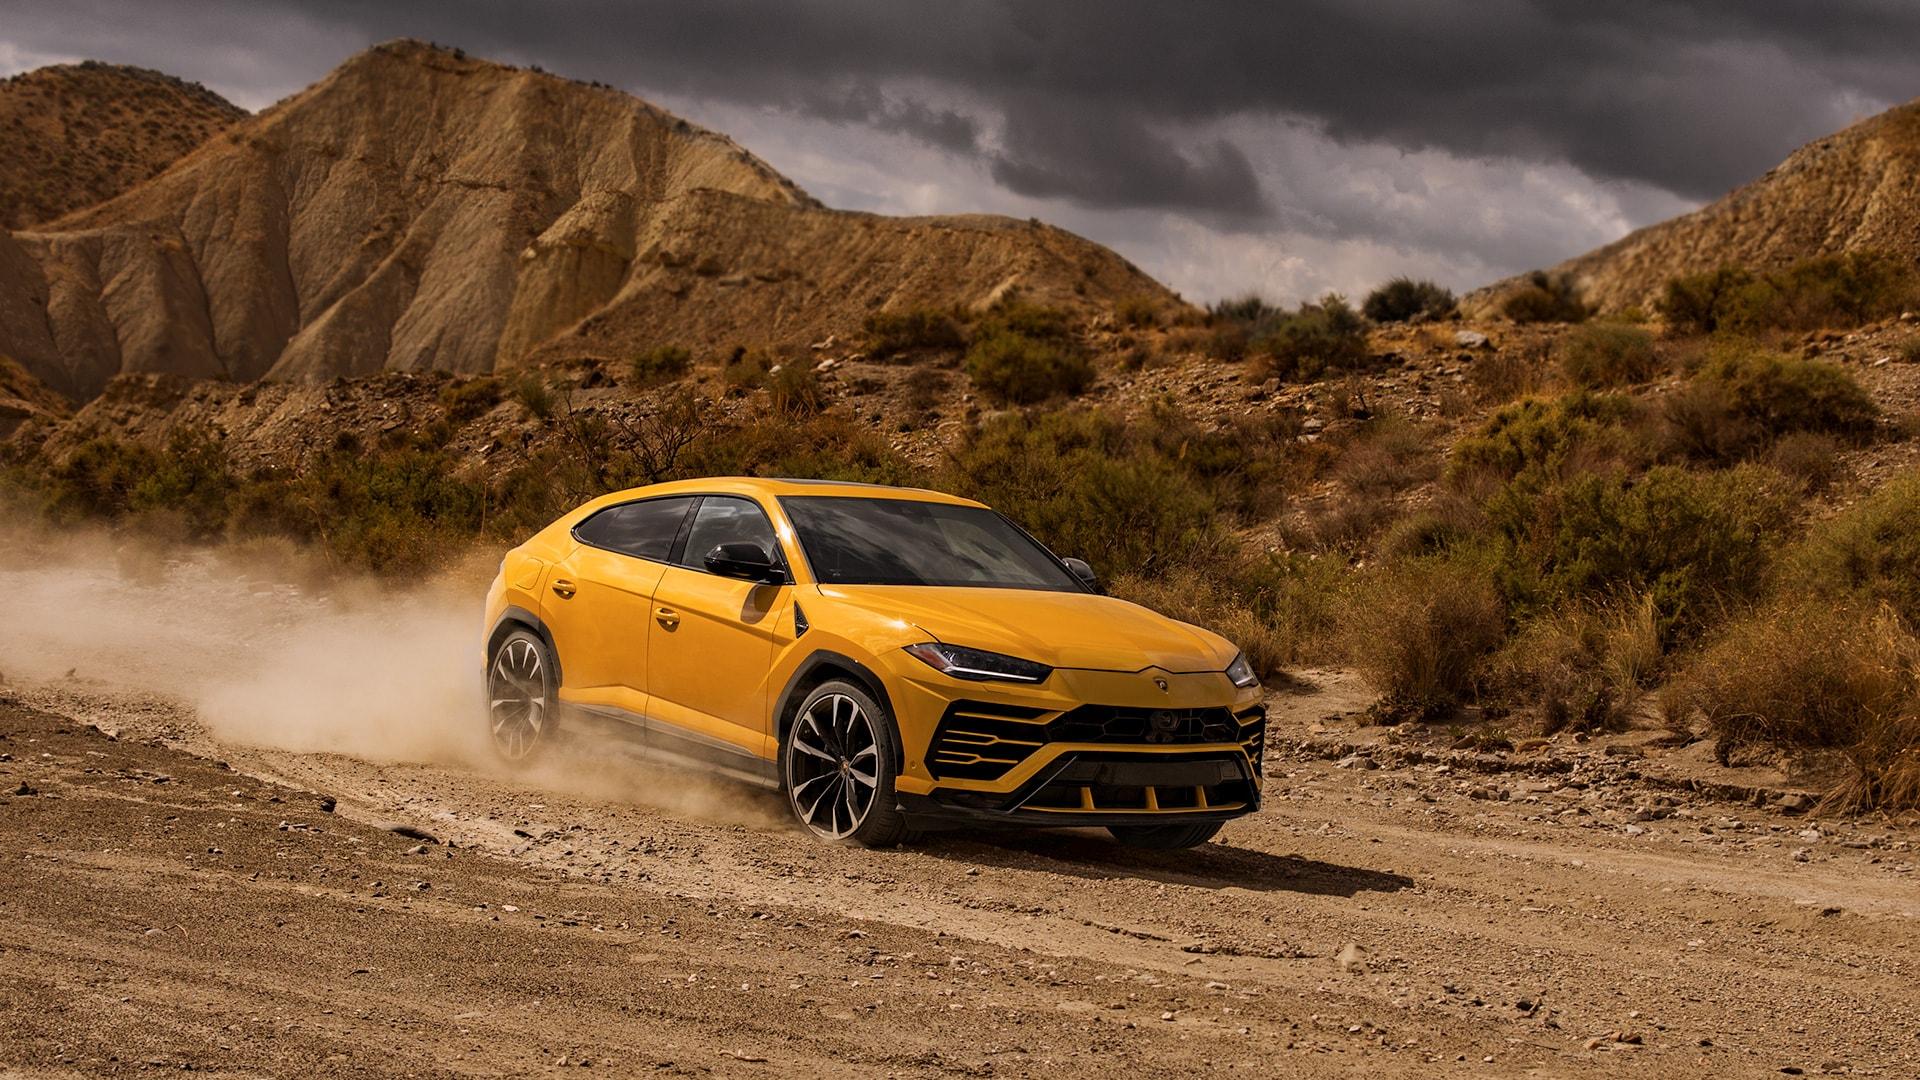 Cars Wallpaper App Urus Lamborghini